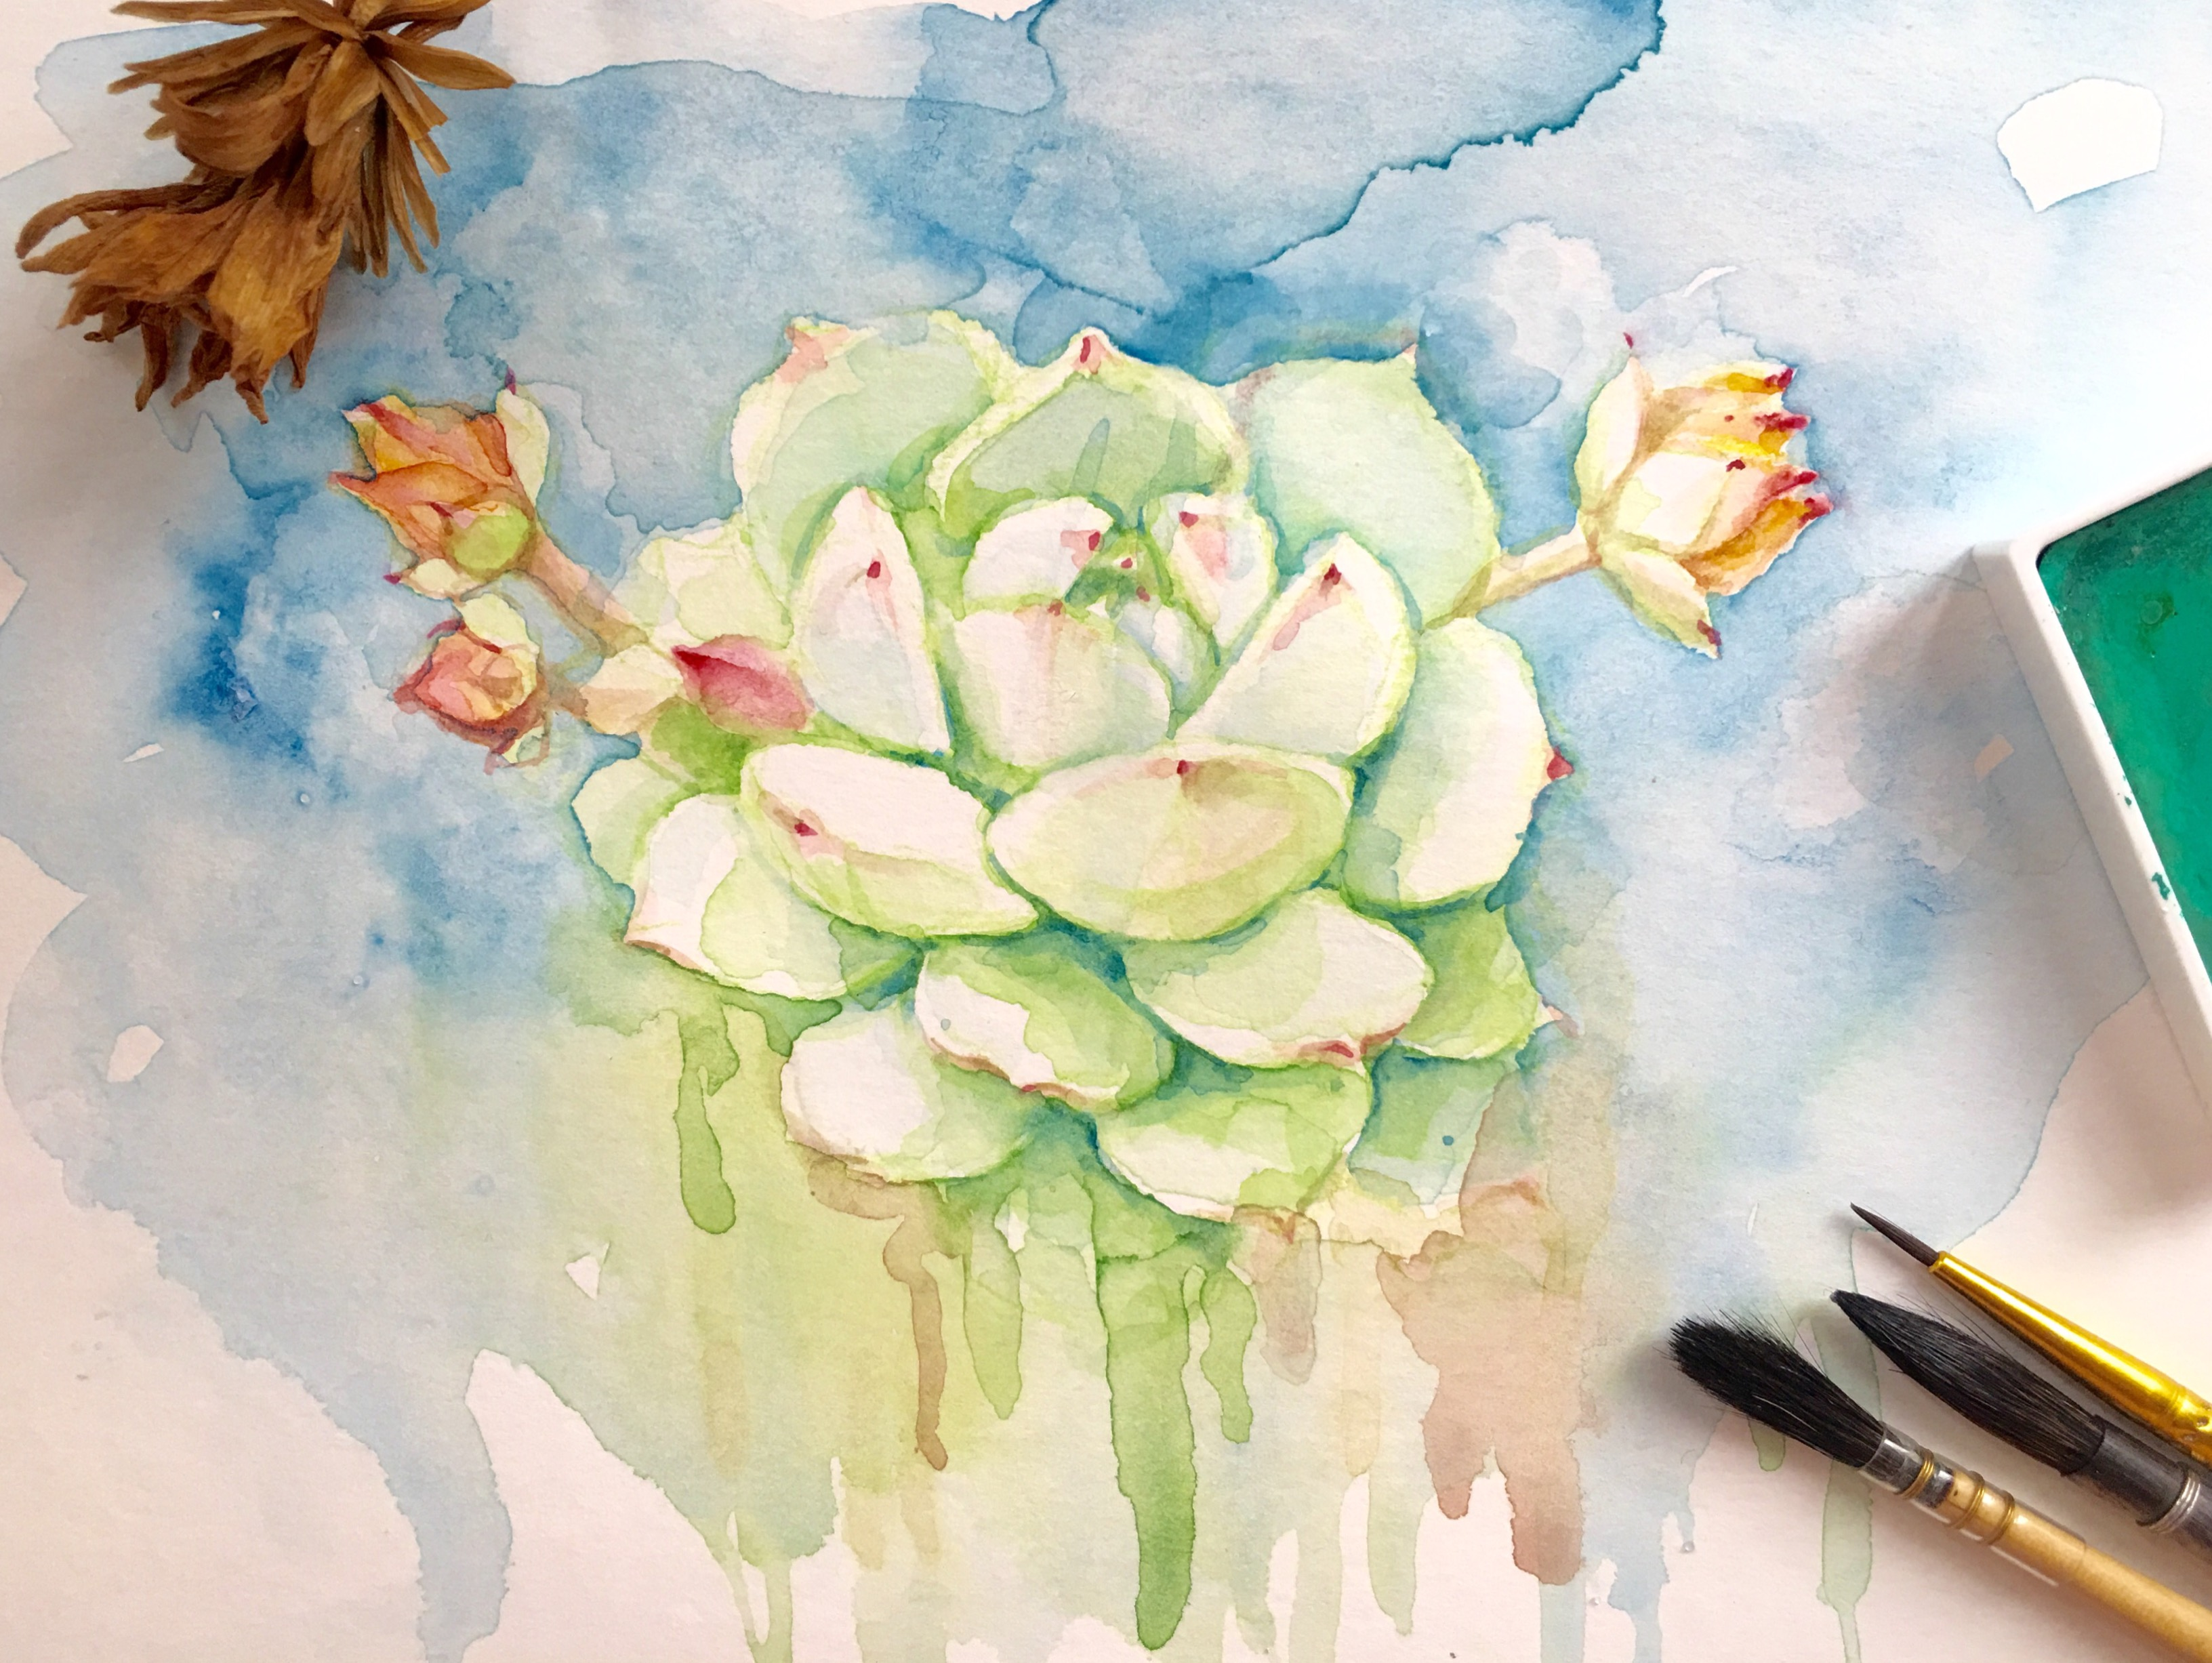 水彩手绘多肉植物 | 静夜